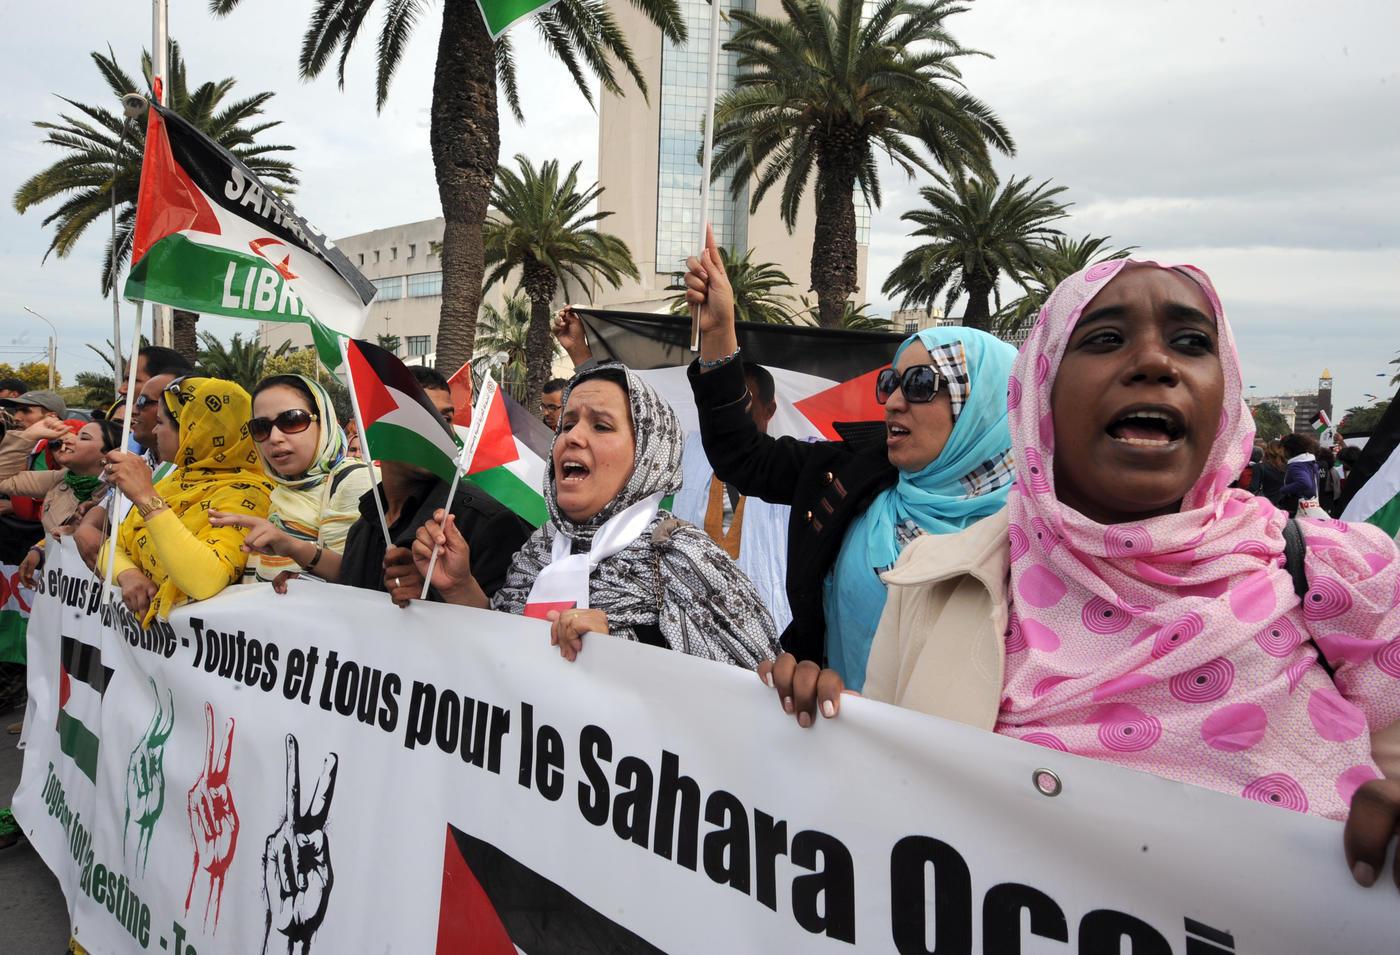 Des partisans duFront Polisario tiennent une banderole indiquant «Toutes et tous pour la Palestine– Toutes et tous pour le Sahara occidental» lors d'une manifestation en marge de la clôture du Forum social mondial, le 30mars2013 à Tunis (AFP)